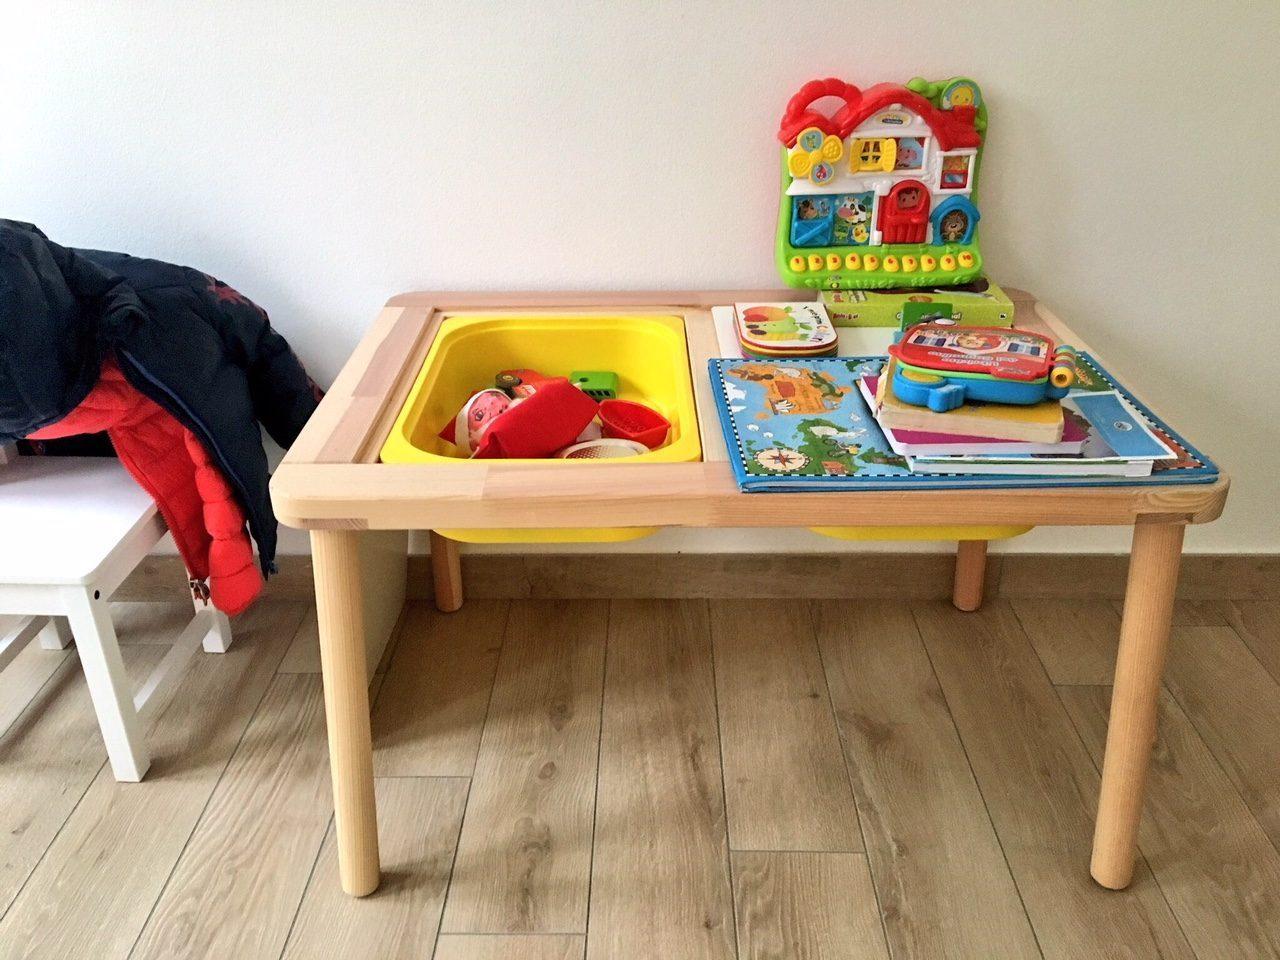 Letto montessoriano per bambini come crearlo con ikea a for Lavette ikea a cosa servono